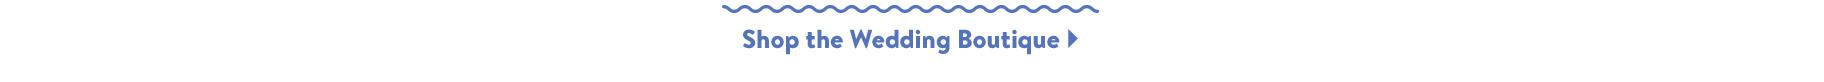 Shop the Wedding Boutique.